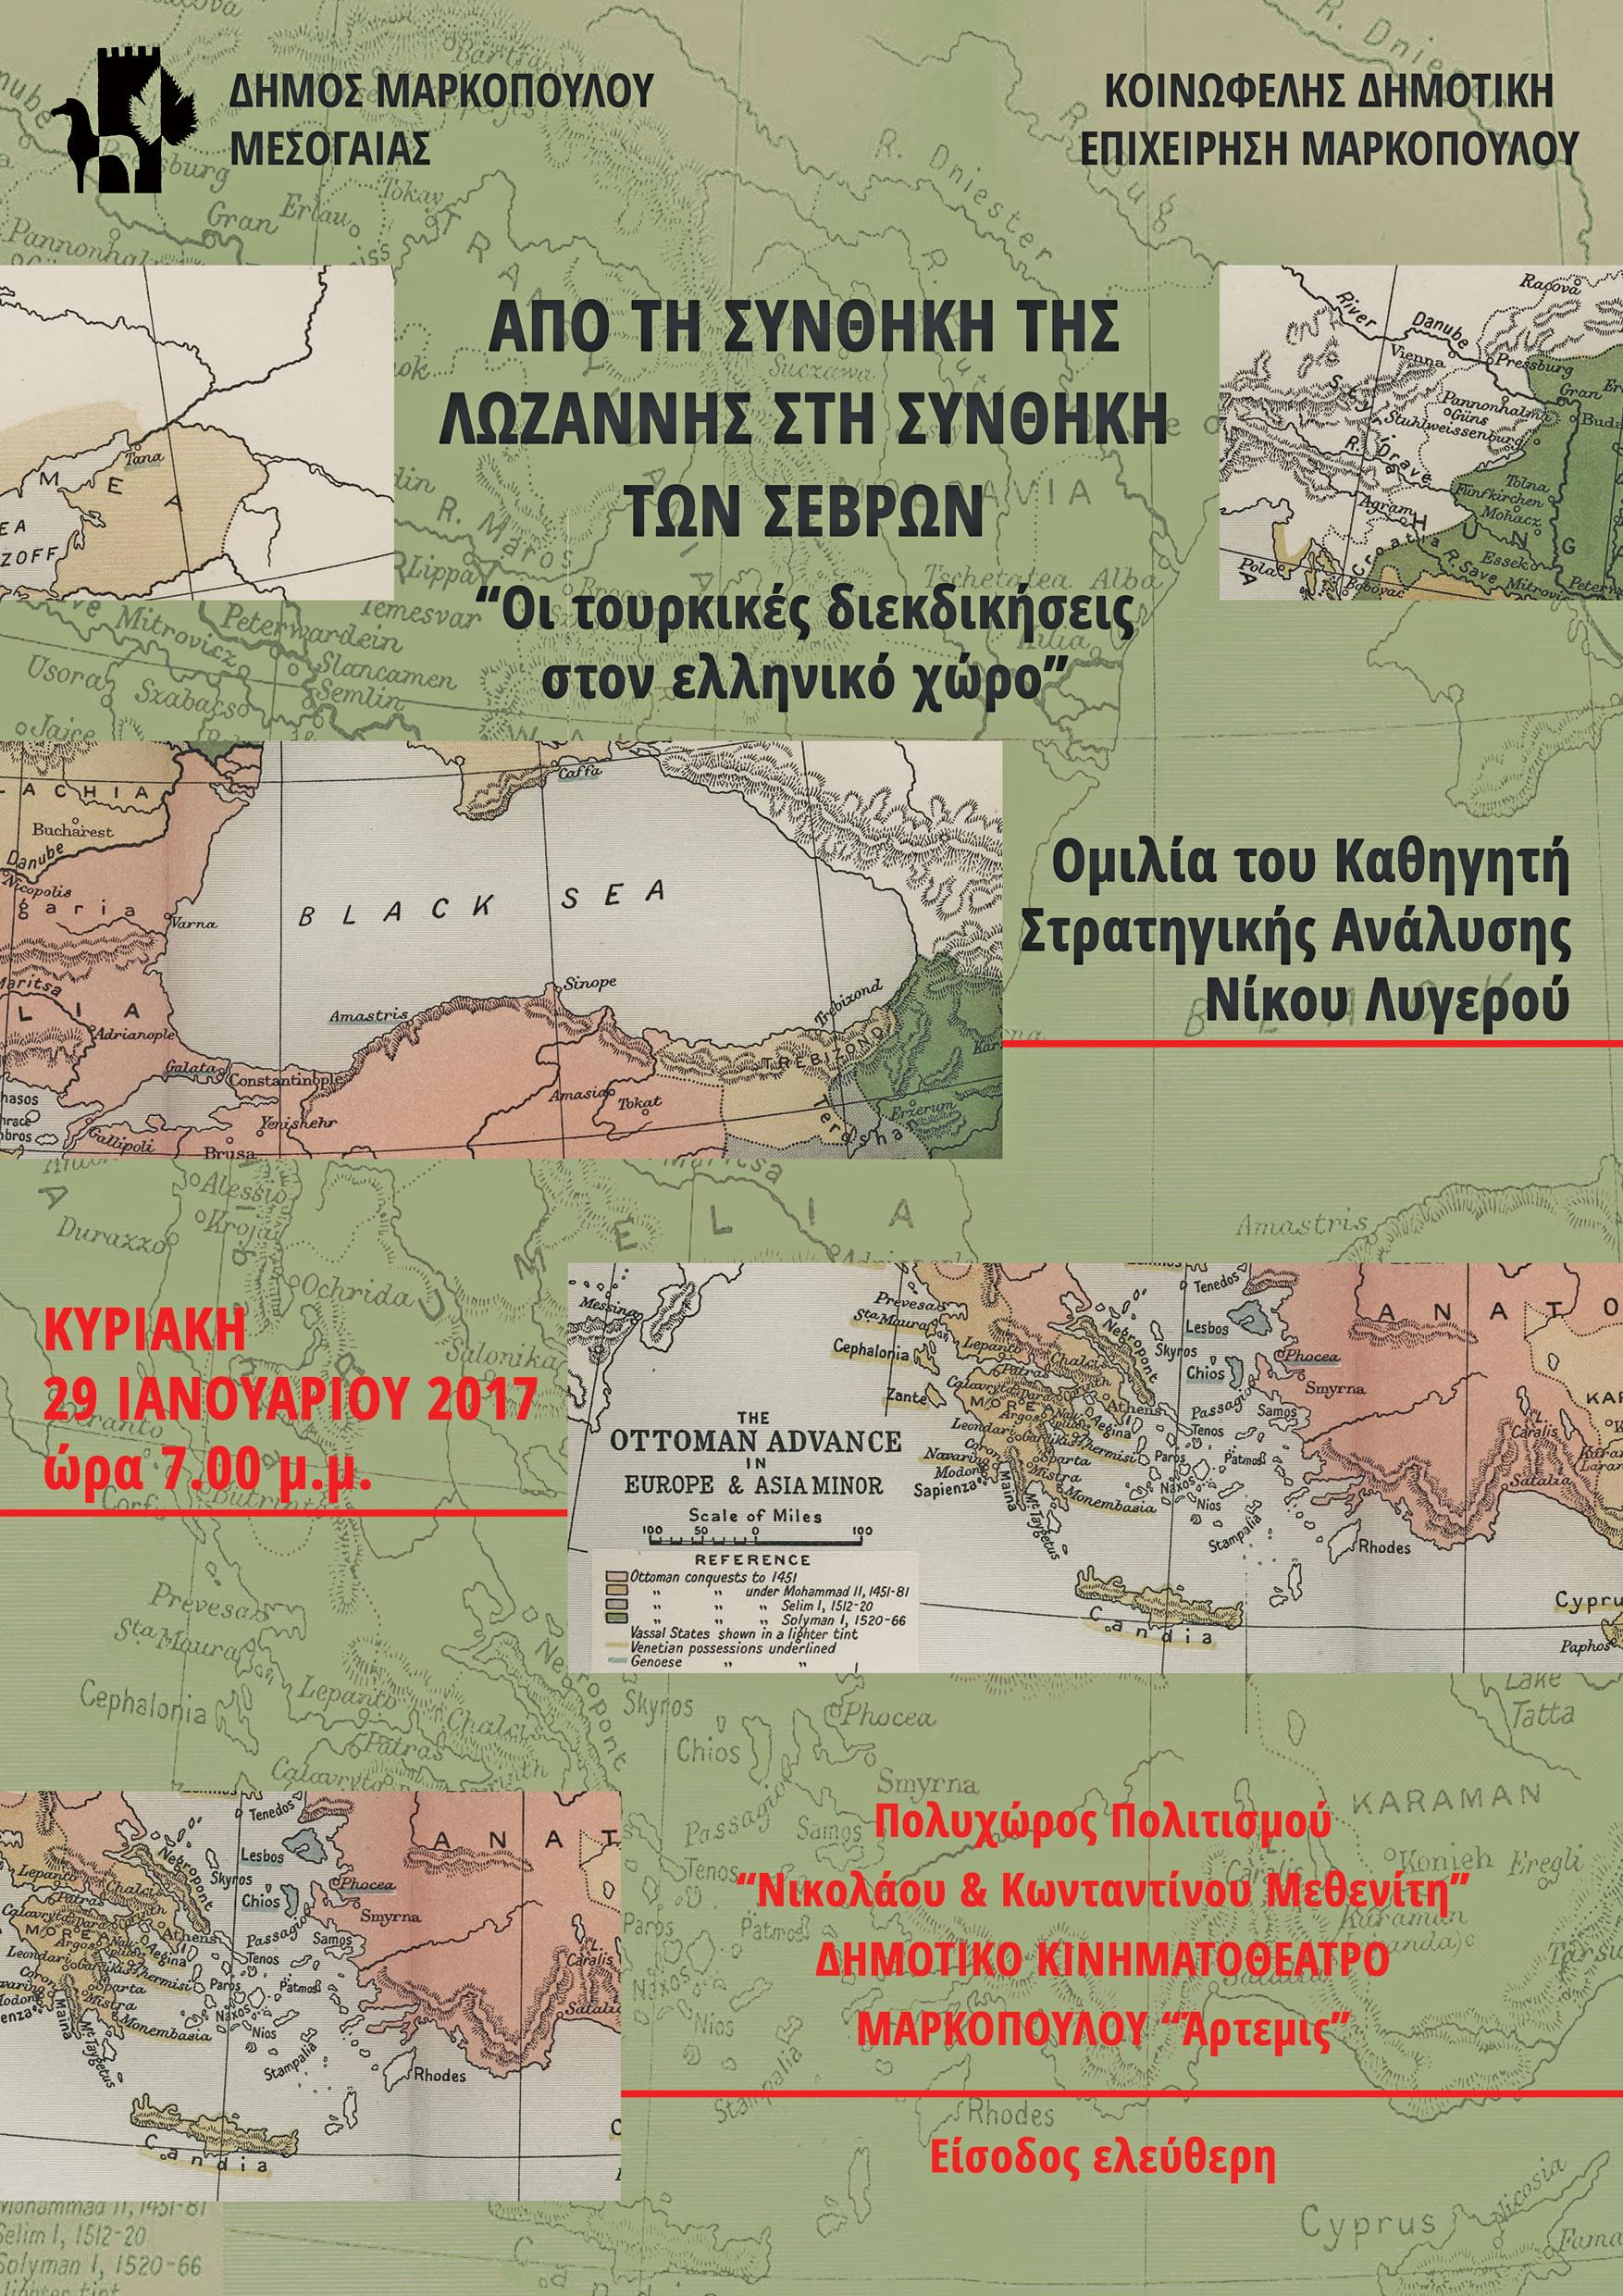 Διάλεξη: Από τη Συνθήκη της Λωζάννης στη Συνθήκη των Σεβρών: Οι τουρκικές διεκδικήσεις στον ελληνικό χώρο